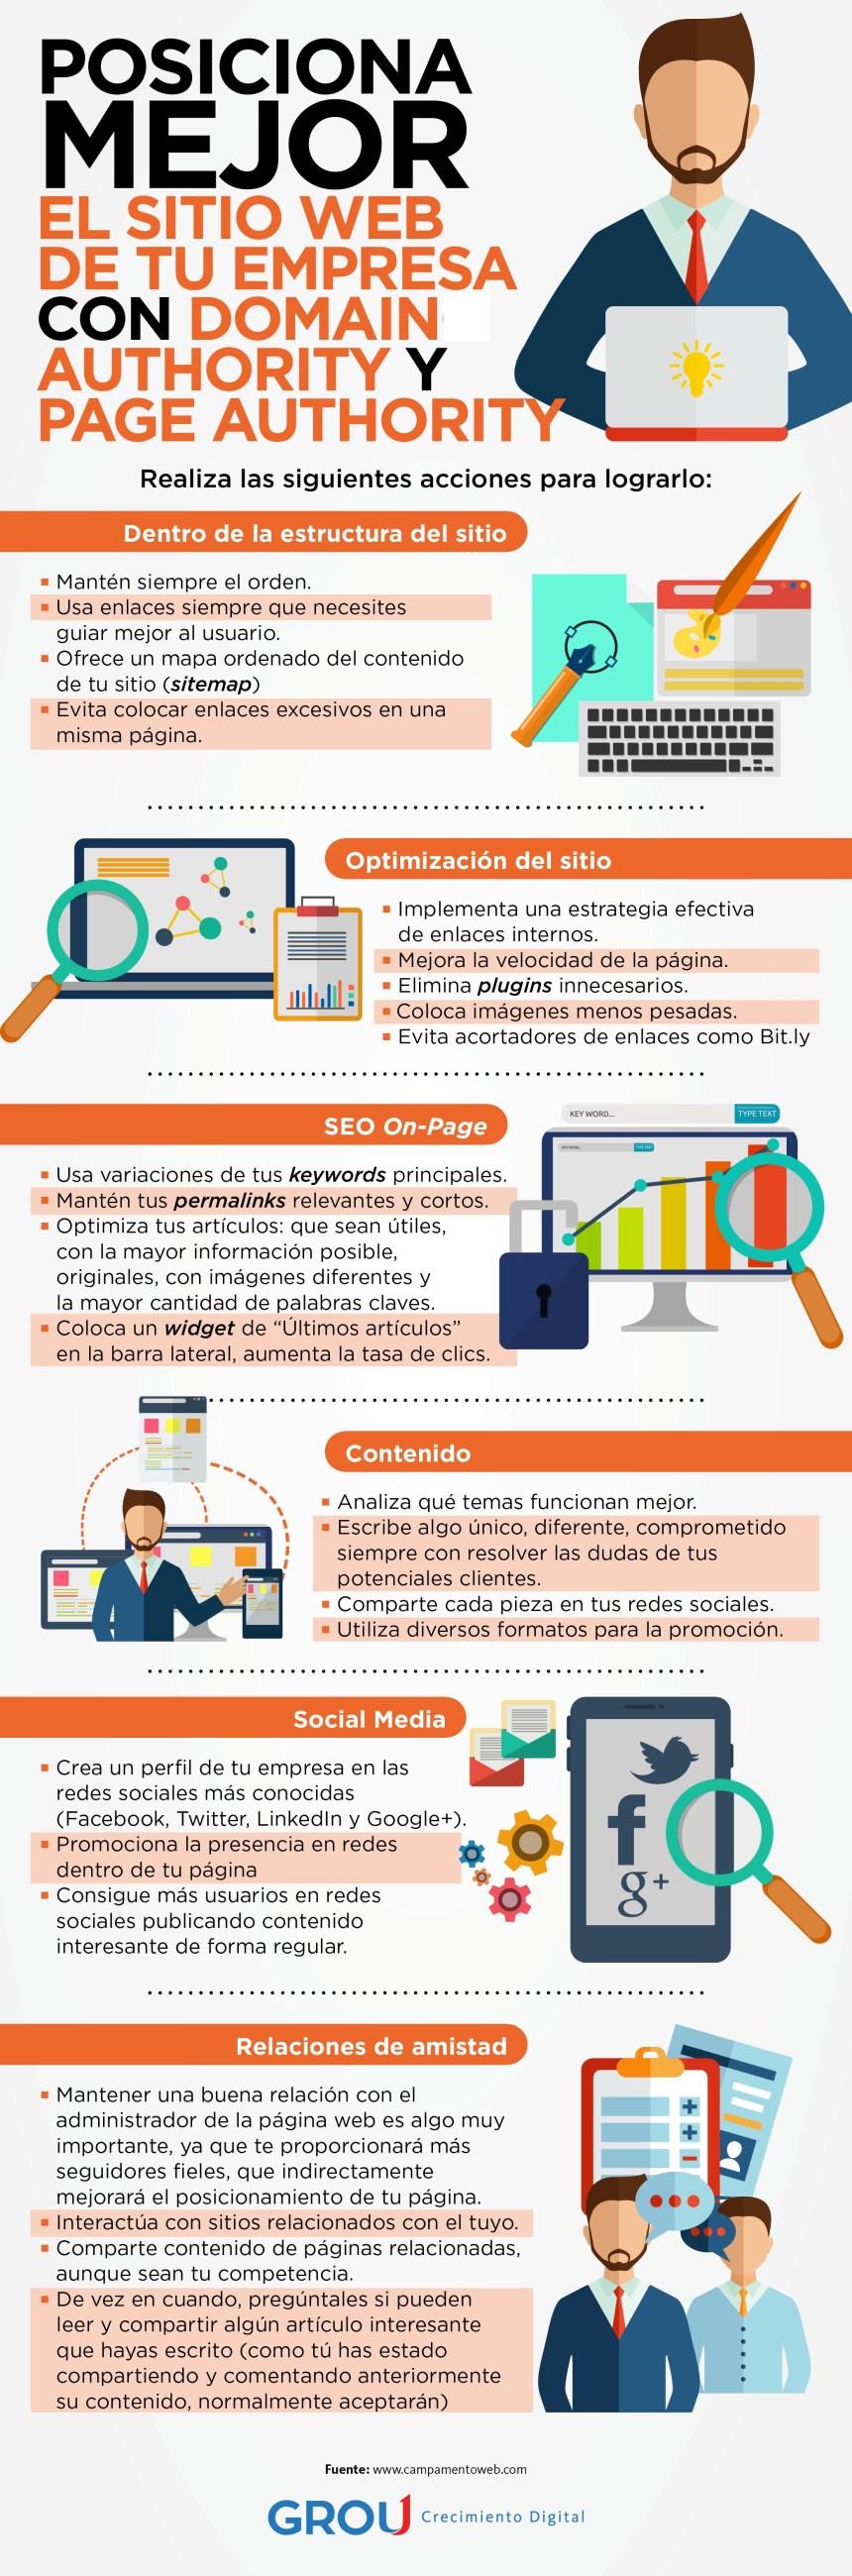 Domain authority y Page authority para posicionar tu web